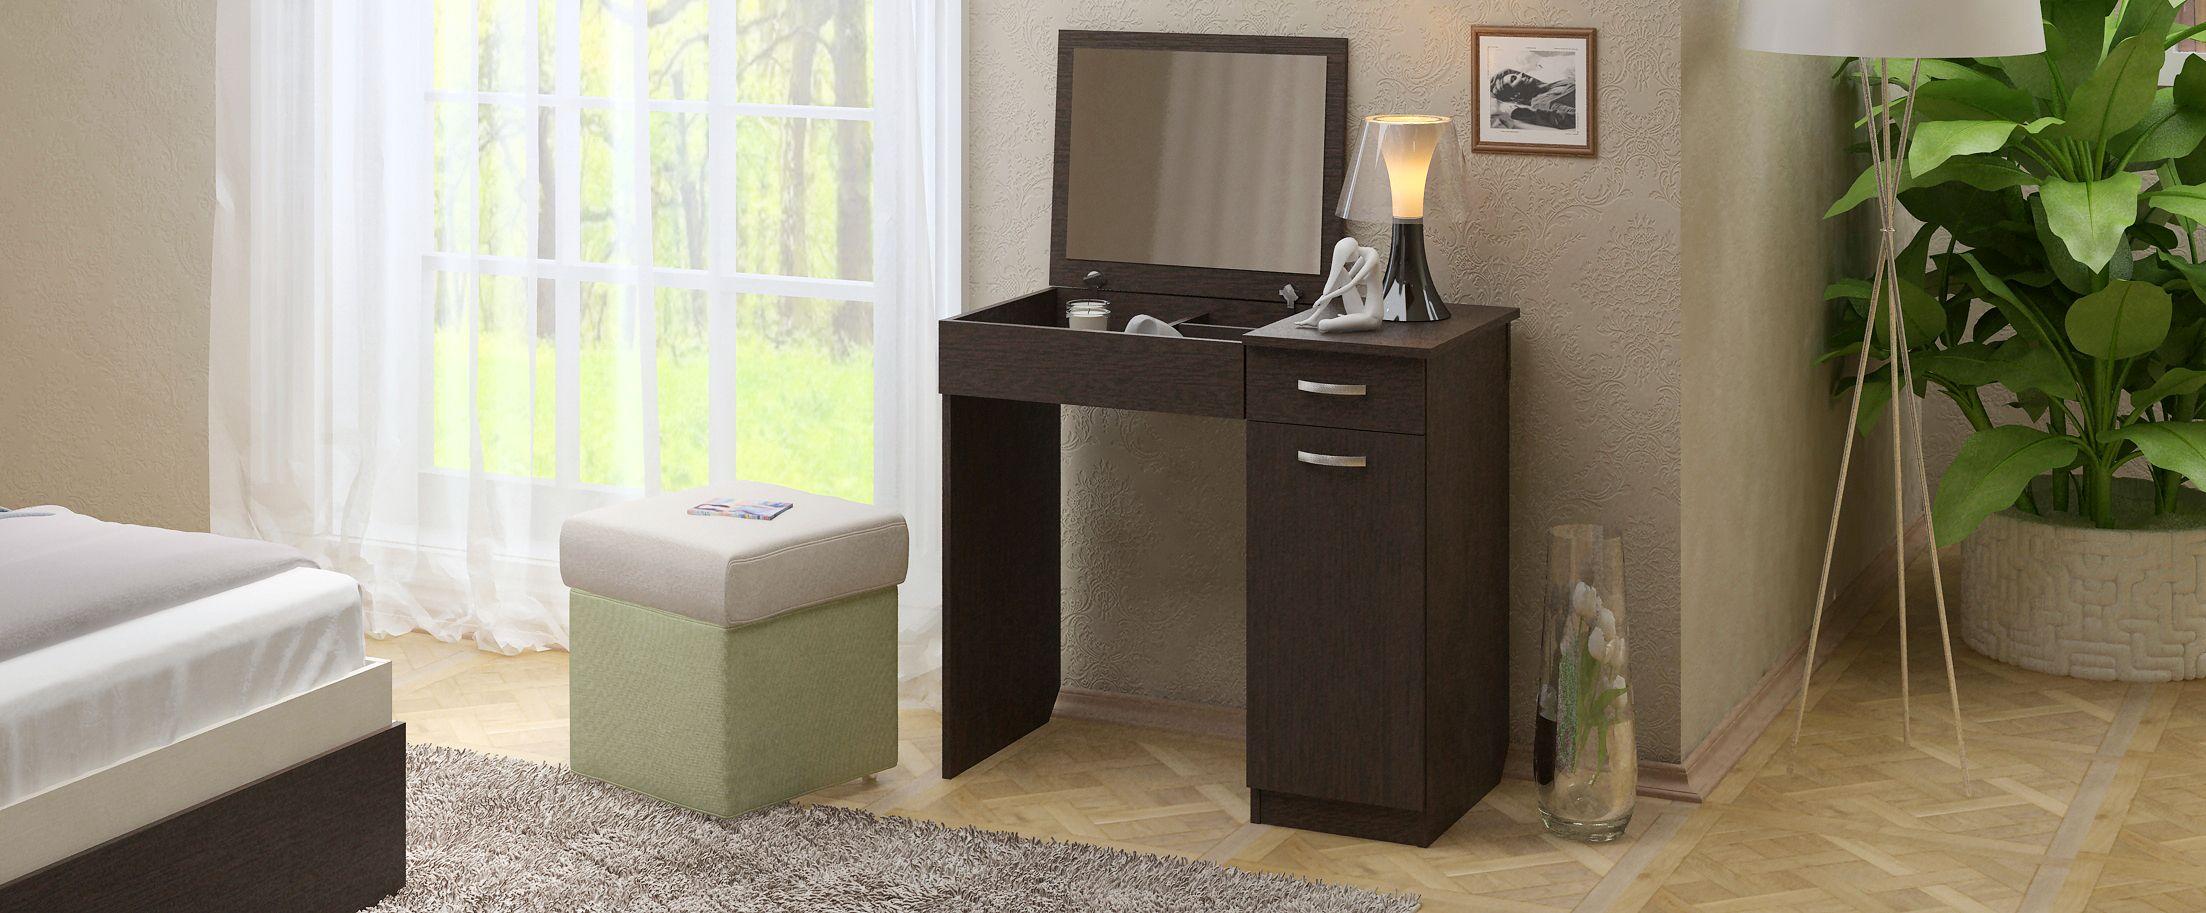 Туалетный столик Риано 4 Модель 802Туалетные столики «Риано» — изящное и стильное решение для современной спальни и других помещений.<br>